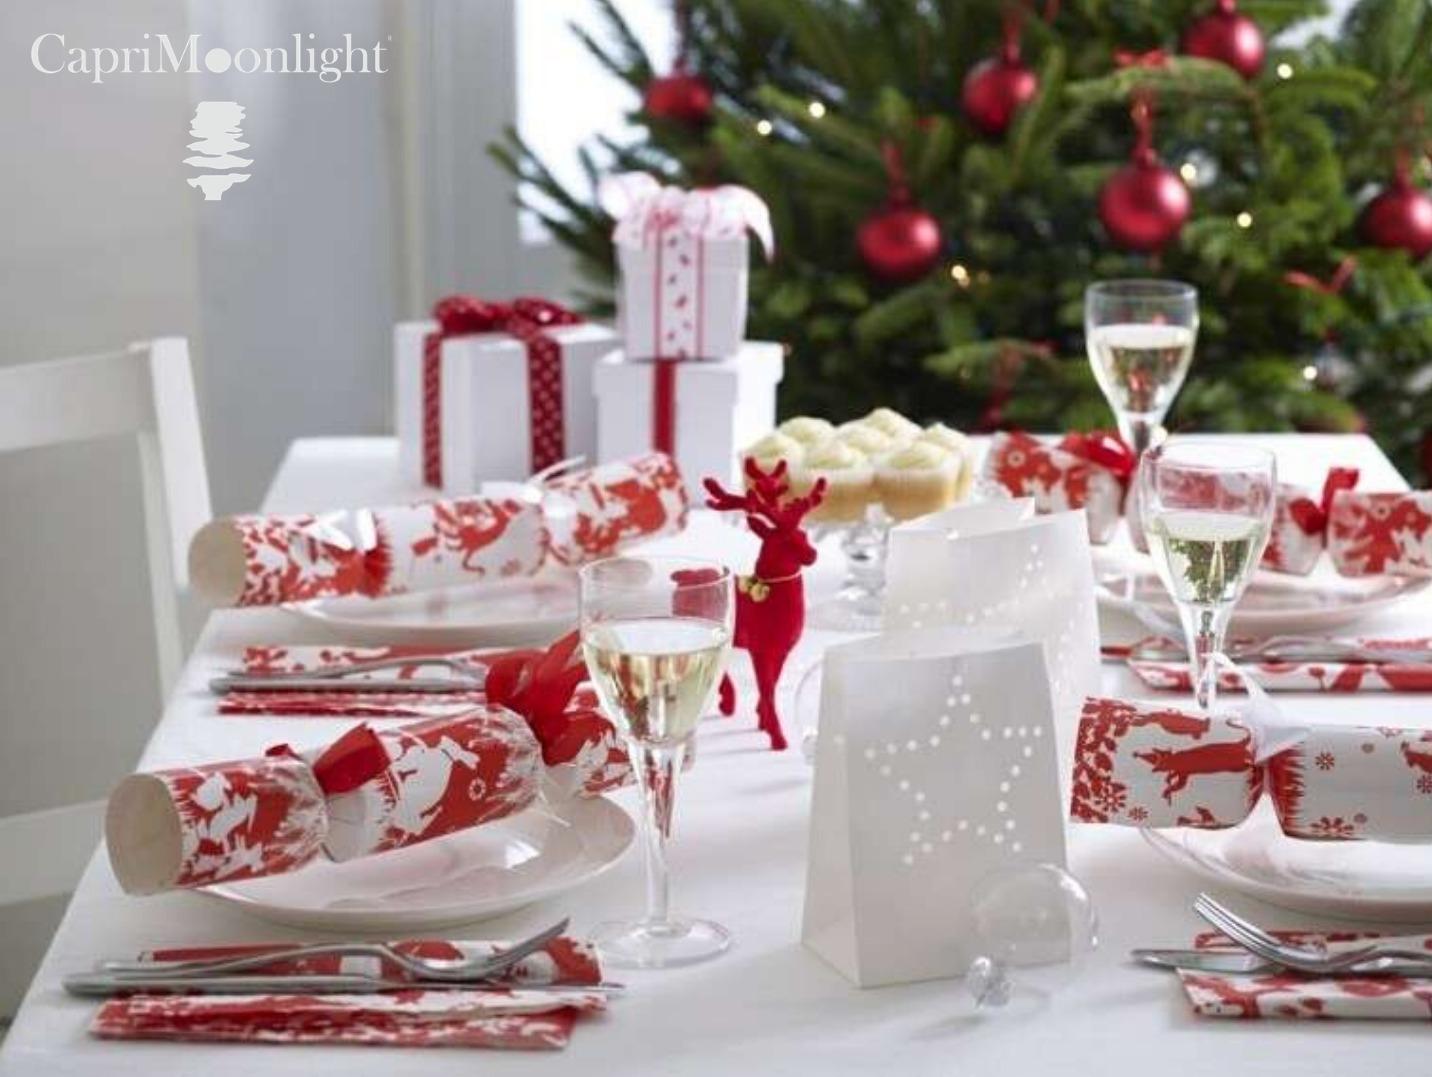 Vini sotto l'albero: gli abbinamenti gourmet che celebrano le Feste